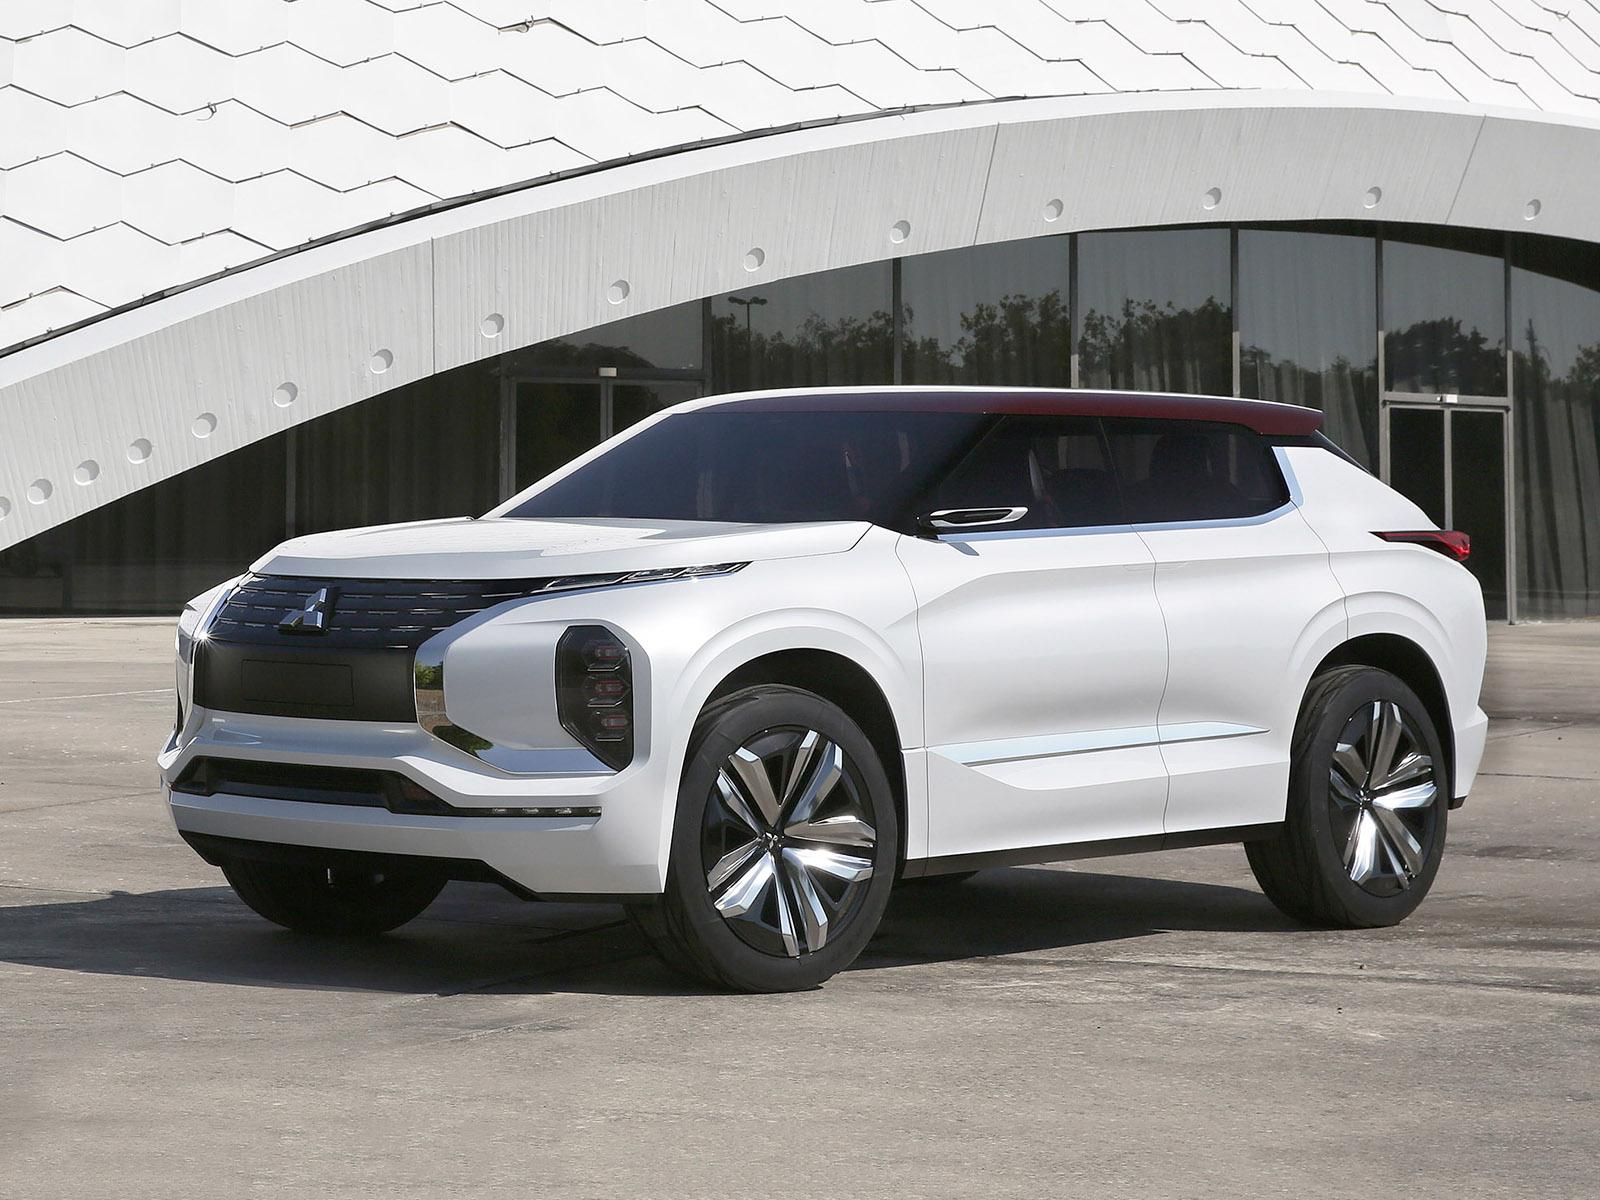 Mitsubishi Outlander появится в 2020 году - Колеса.ру